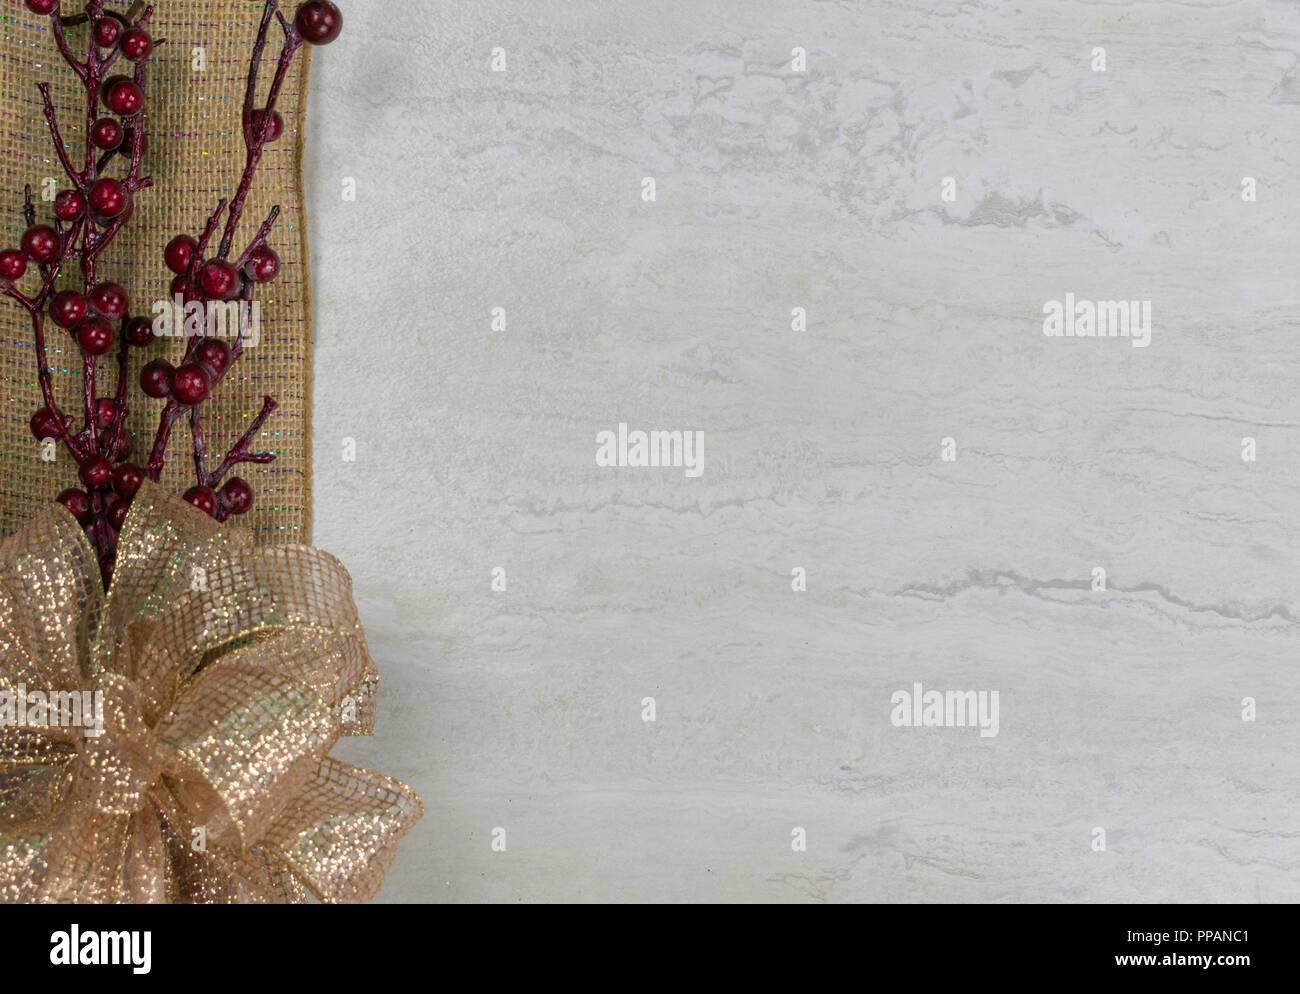 Burlap Bow Stock Photos & Burlap Bow Stock Images - Alamy